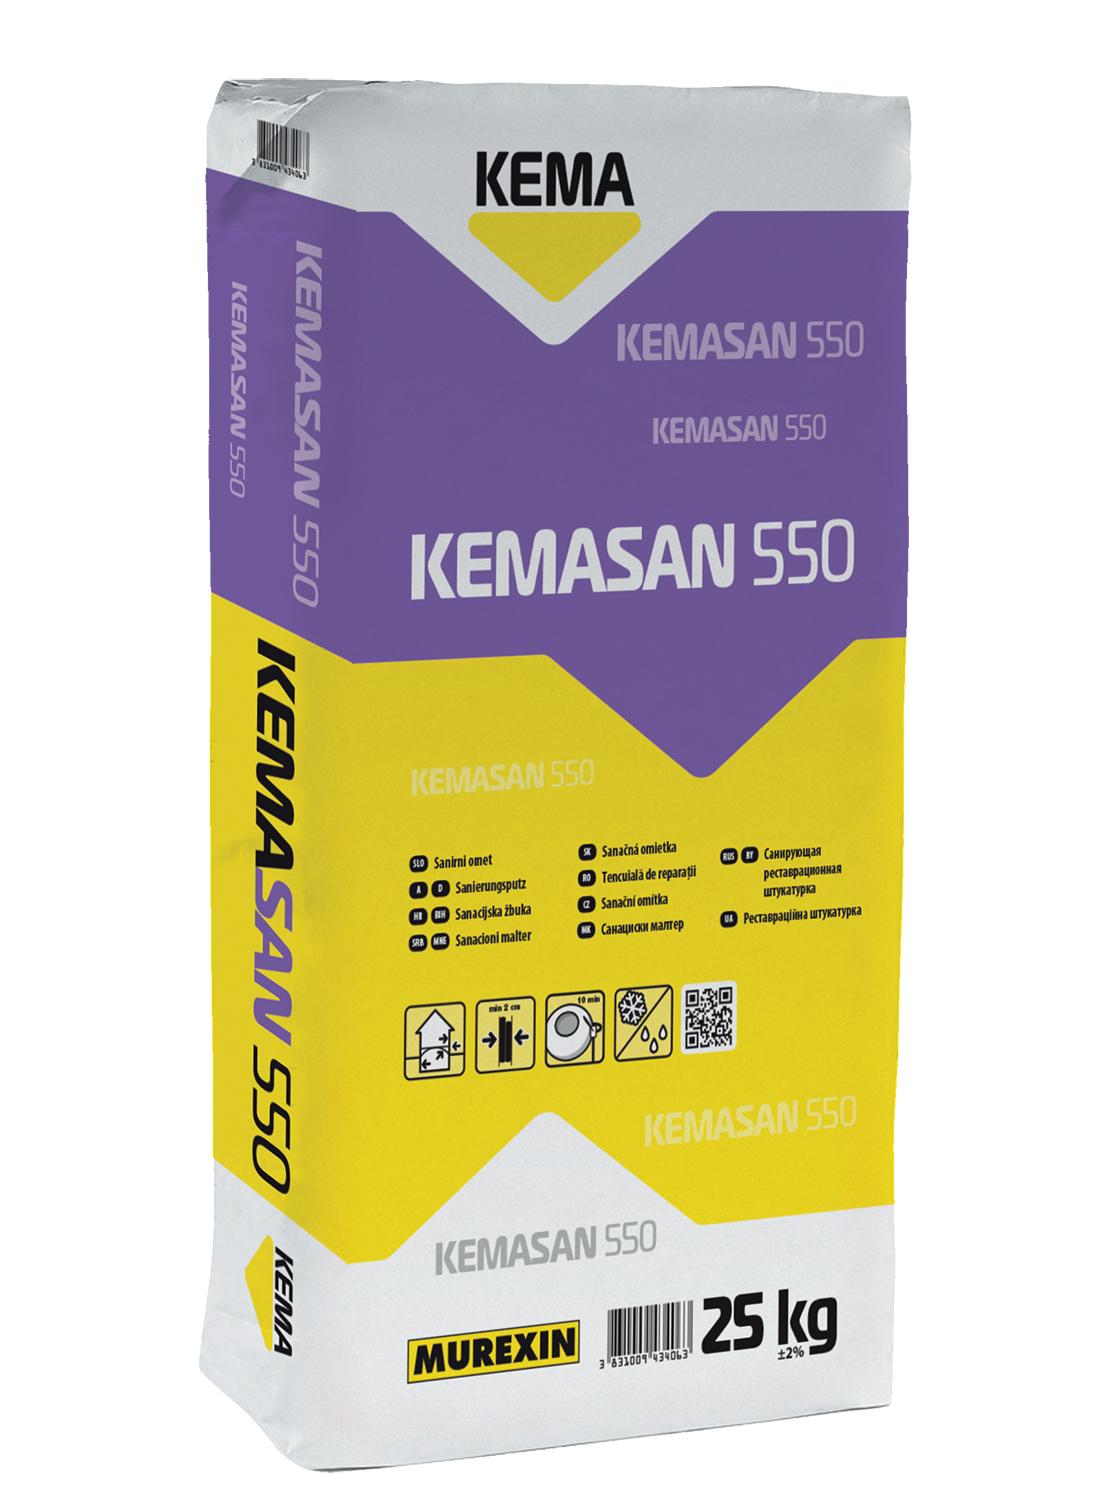 KEMASAN 550